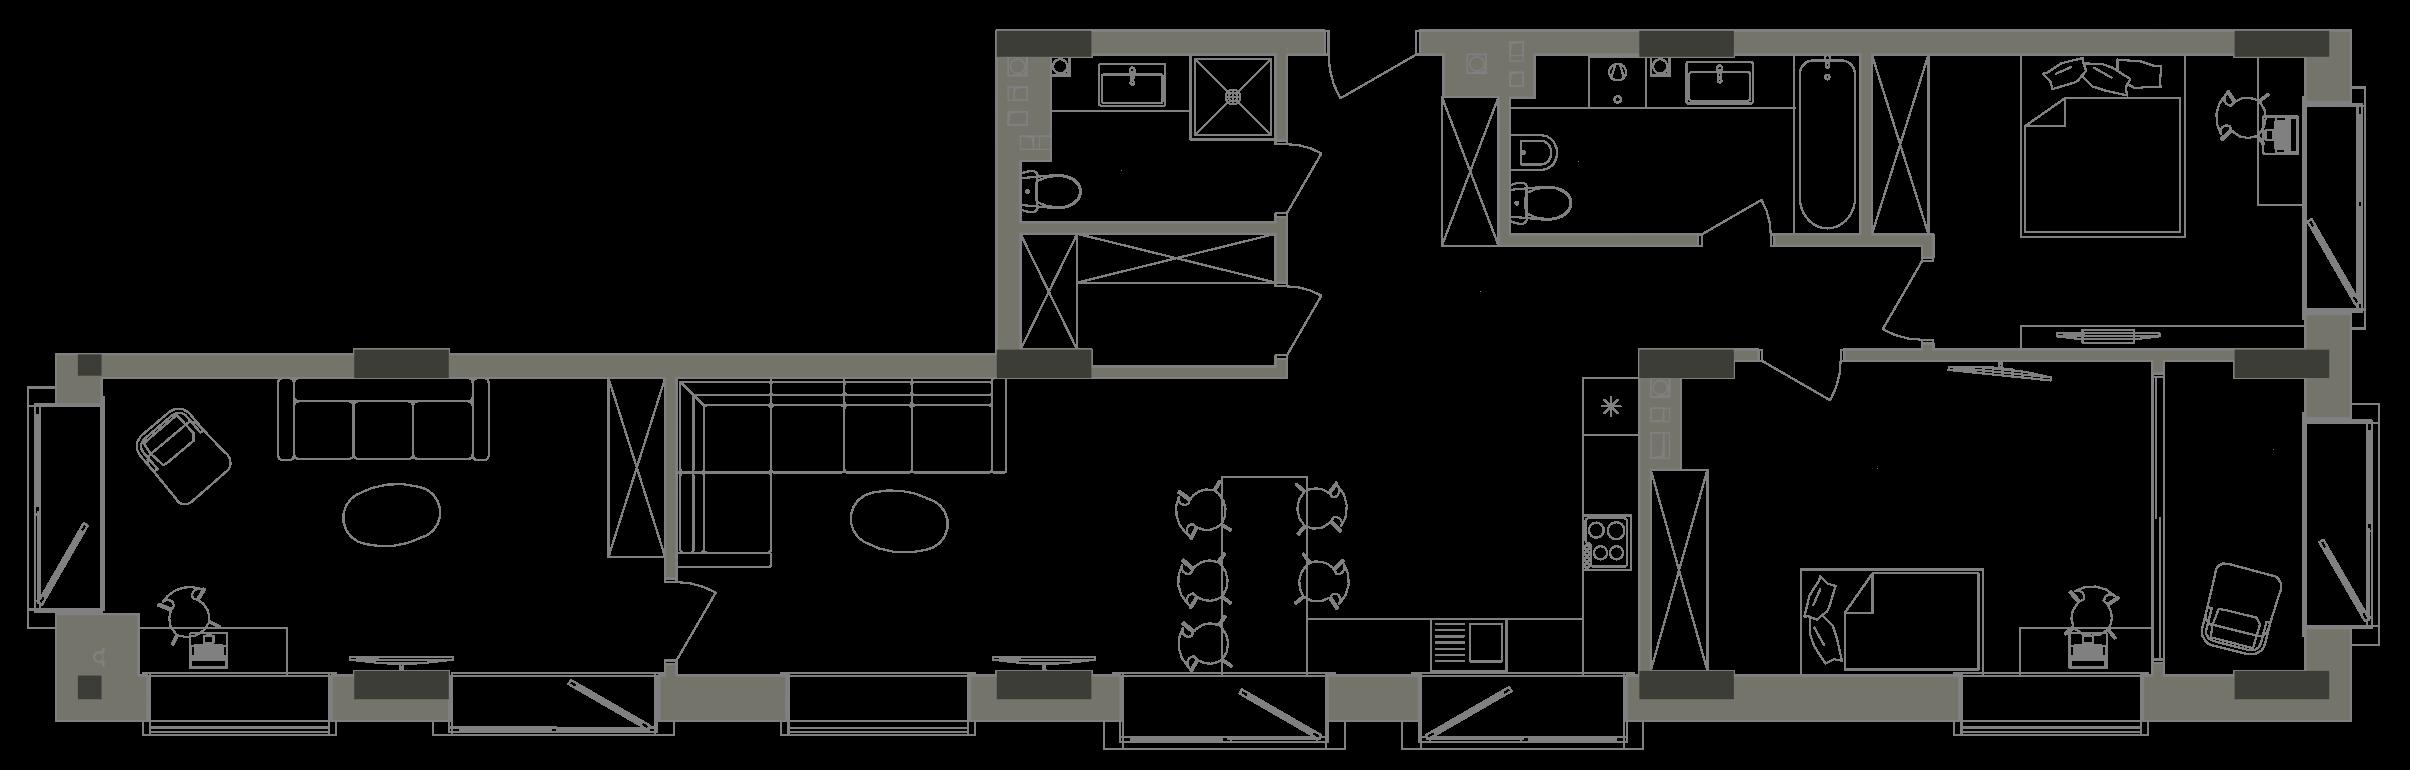 Квартира KV_1_3A_1_1_1